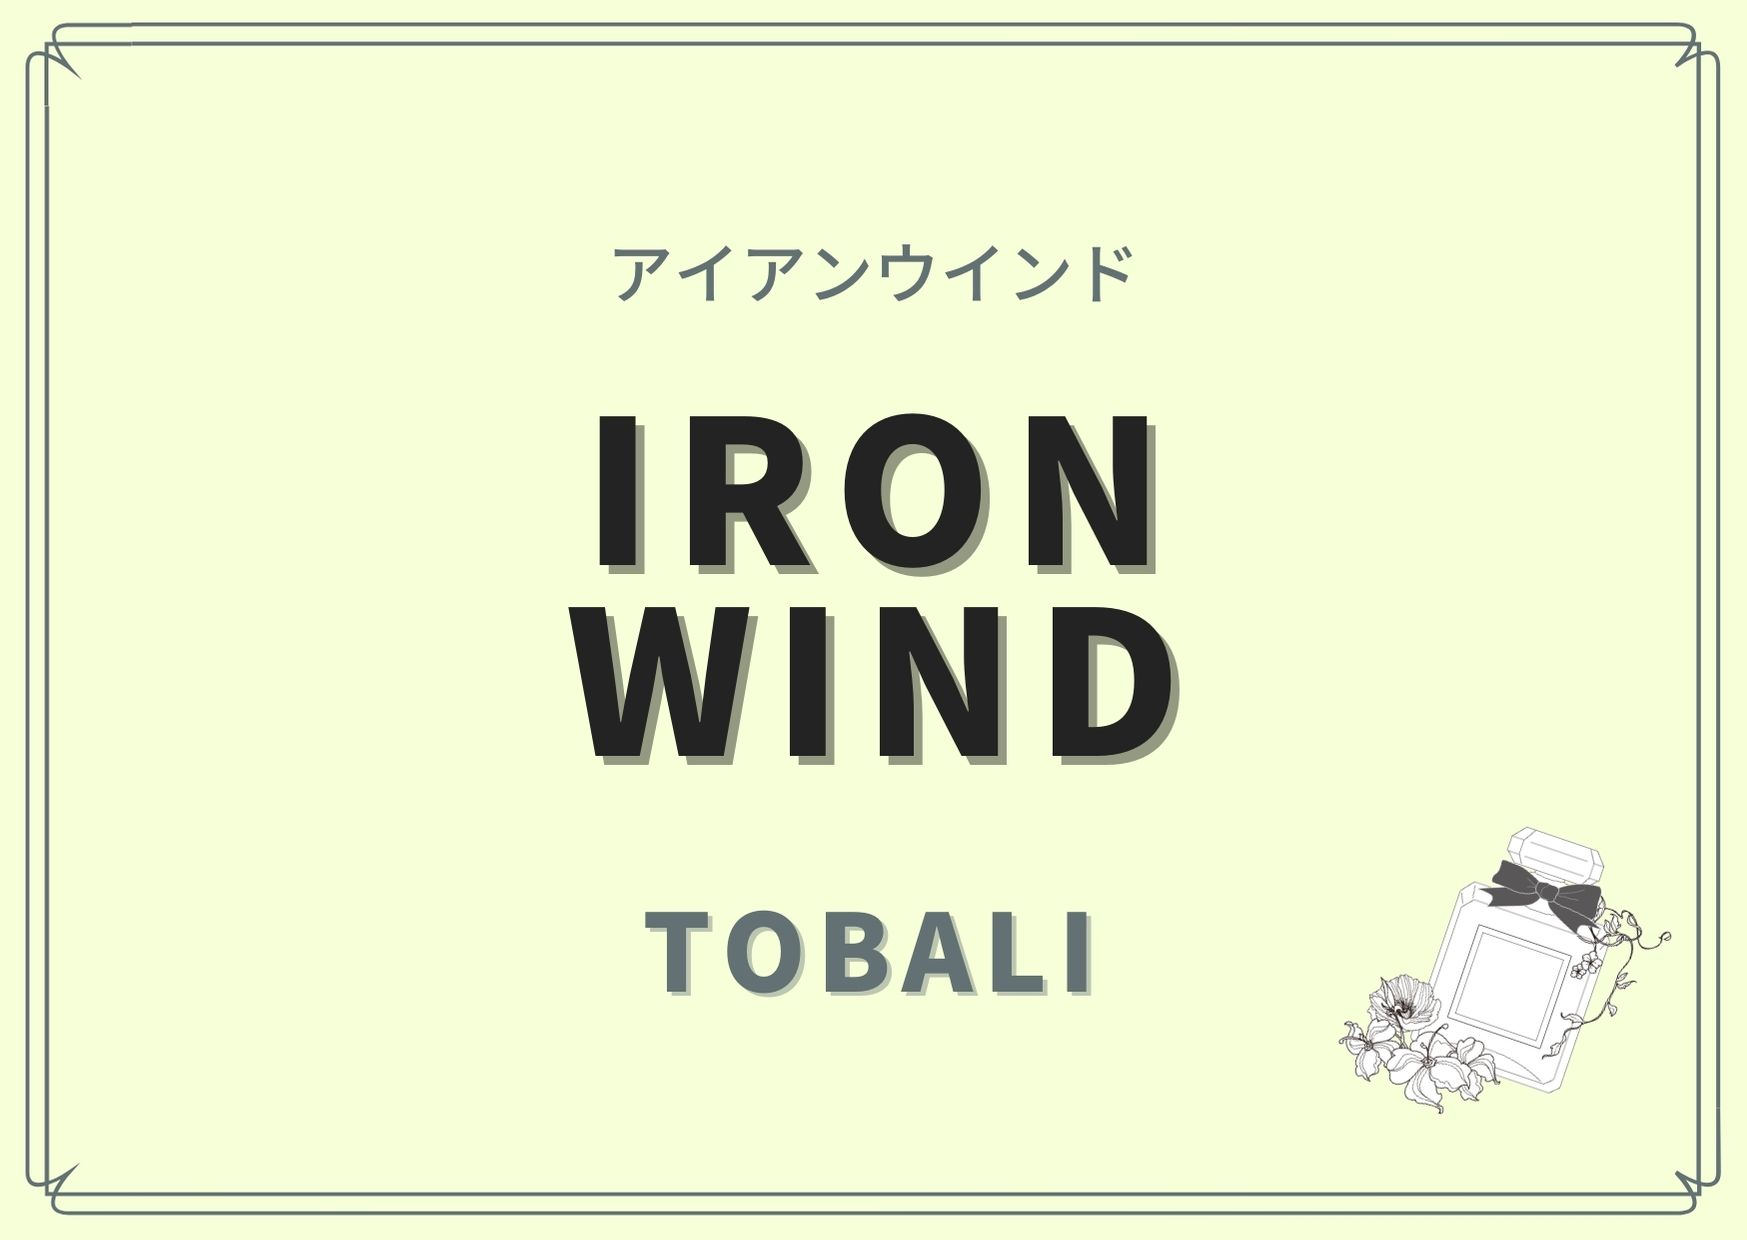 IRON WIND(アイアンウインド)/TOBALI(トバリ)